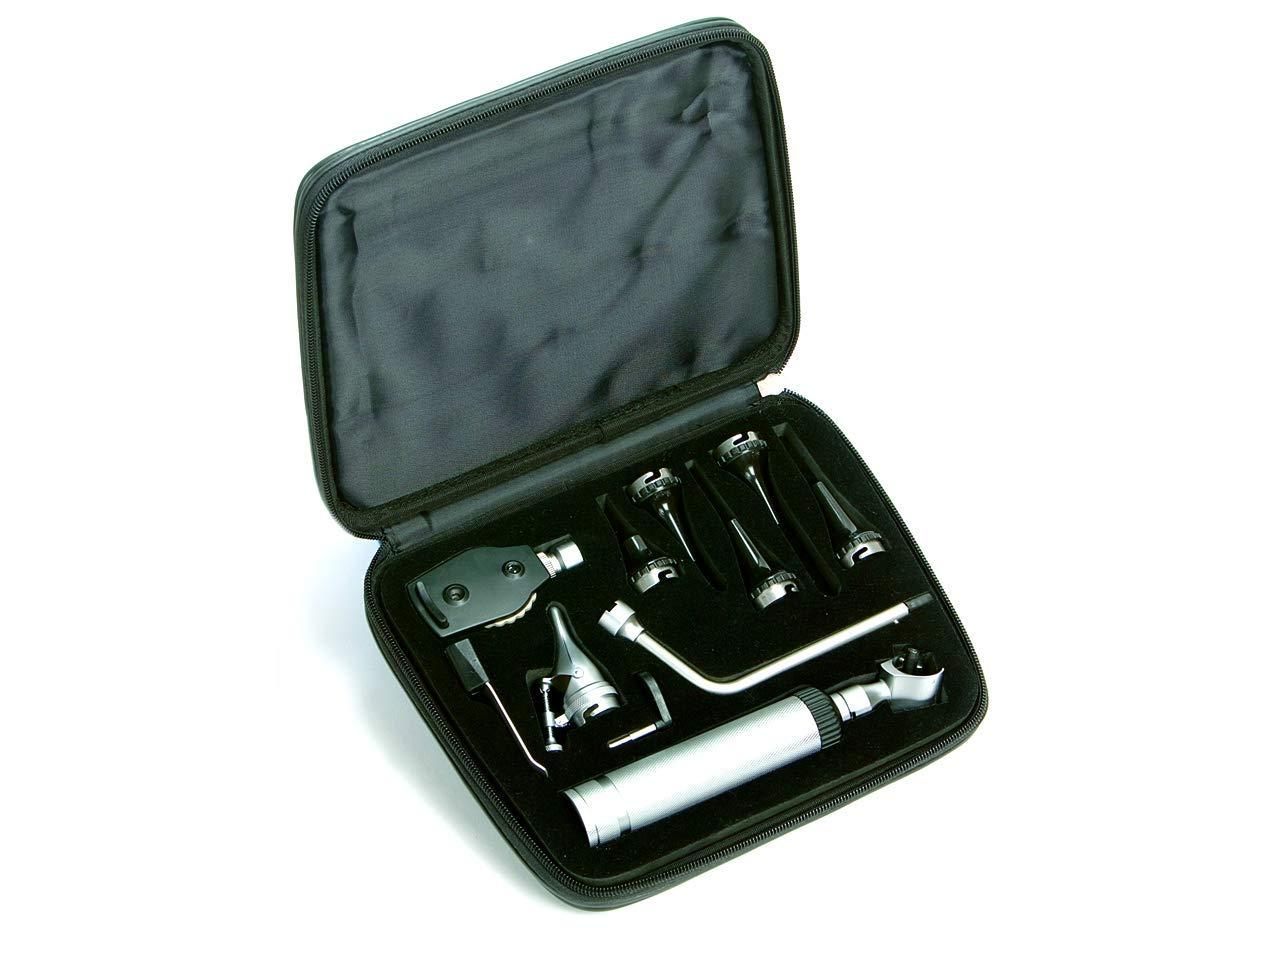 Gima 31424Juego Diagnóstico veterinaria xenon-alogeno, cánulas de plástico